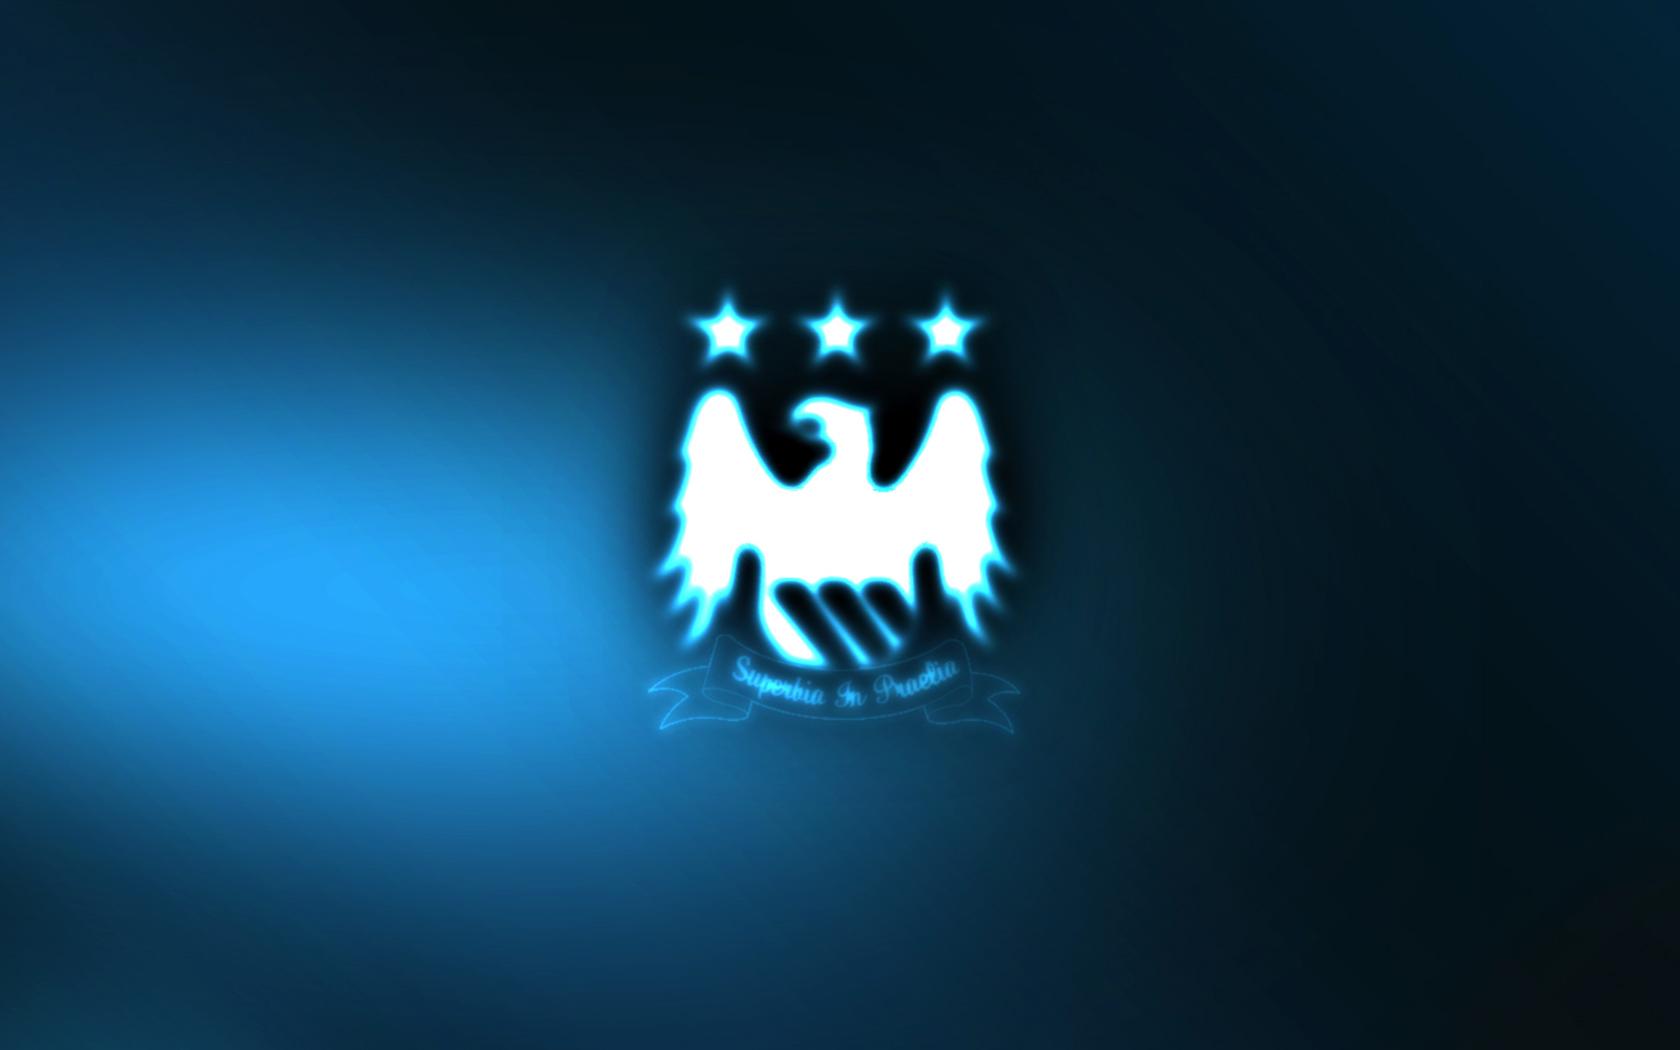 Manchester City Wallpaper Desktop Manchester City Wallpaper Deskto 1680x1050